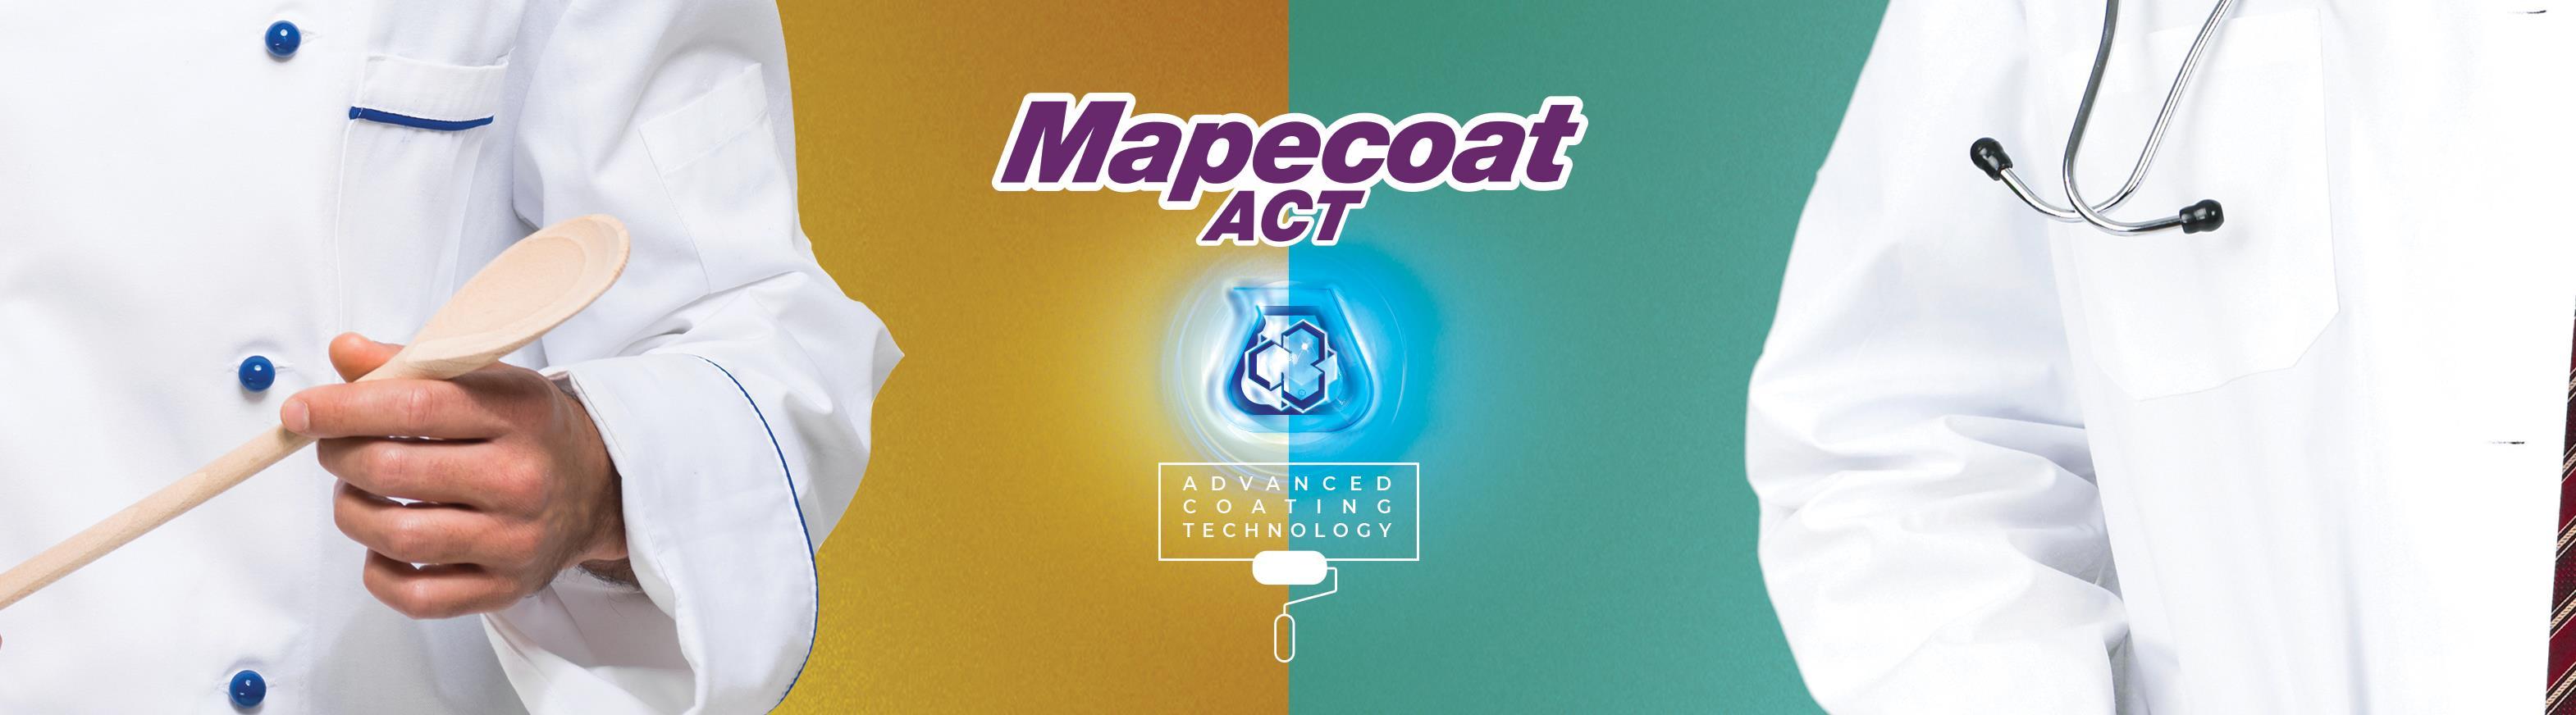 Mapecoat-ACT-slider-Landingpage_Desktop